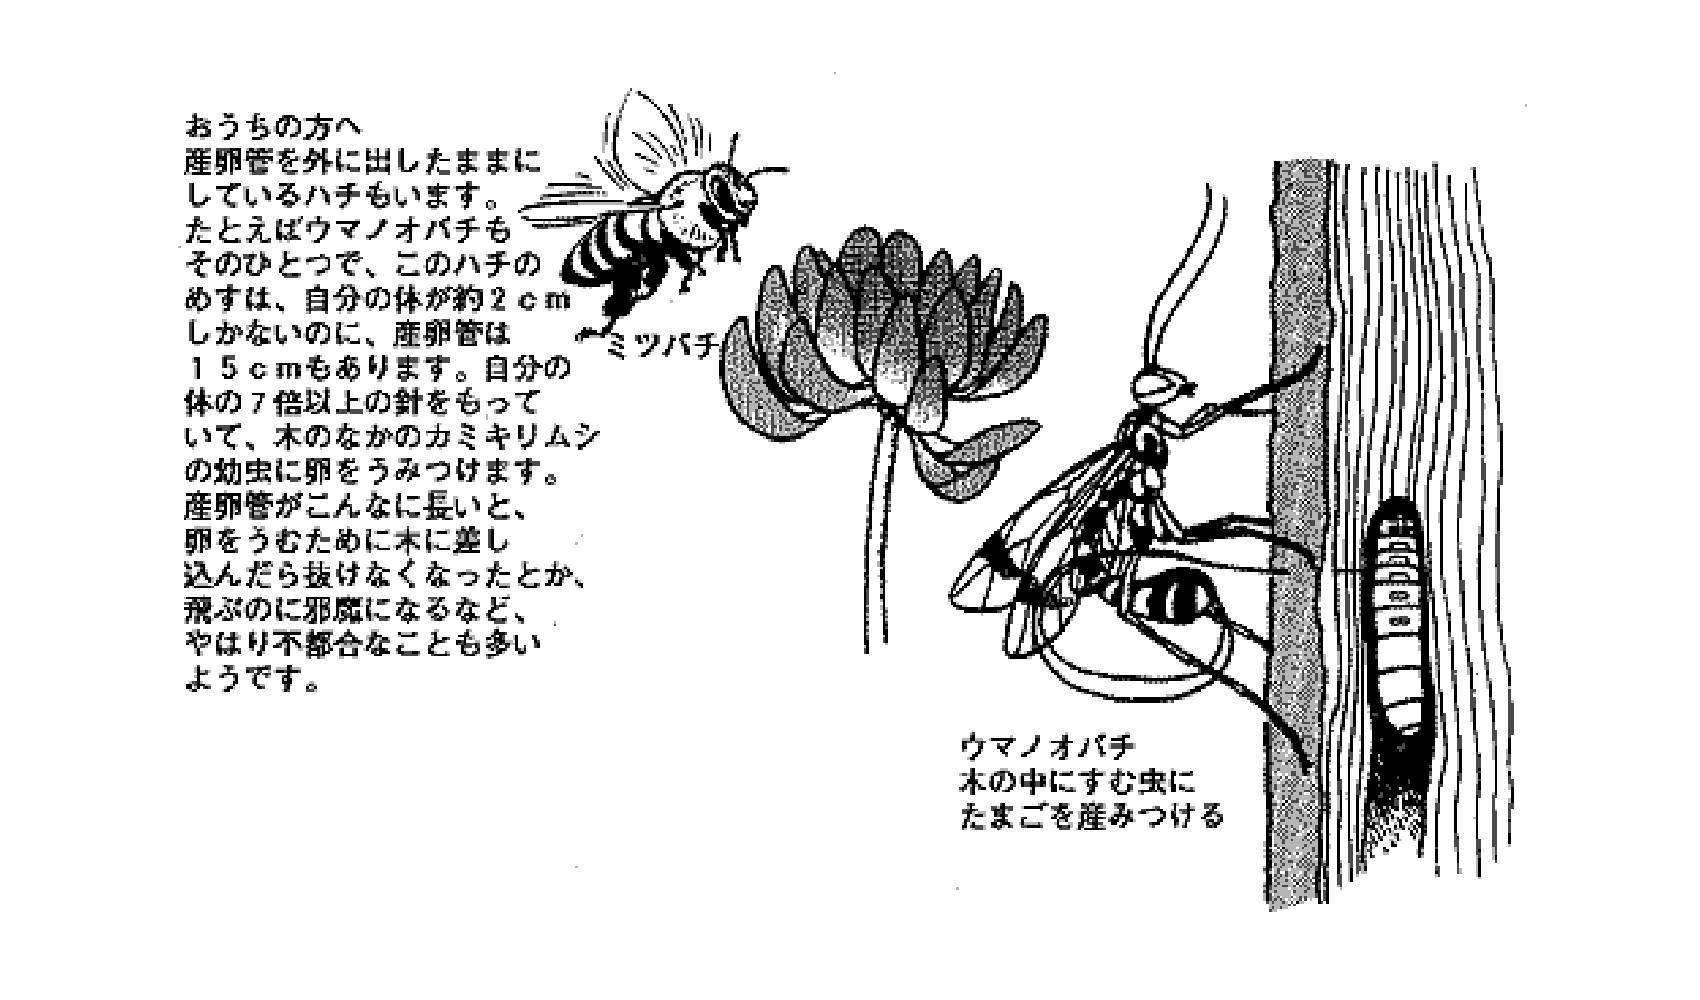 ハチはどうしてはりがあるの,どこにはりがあるの